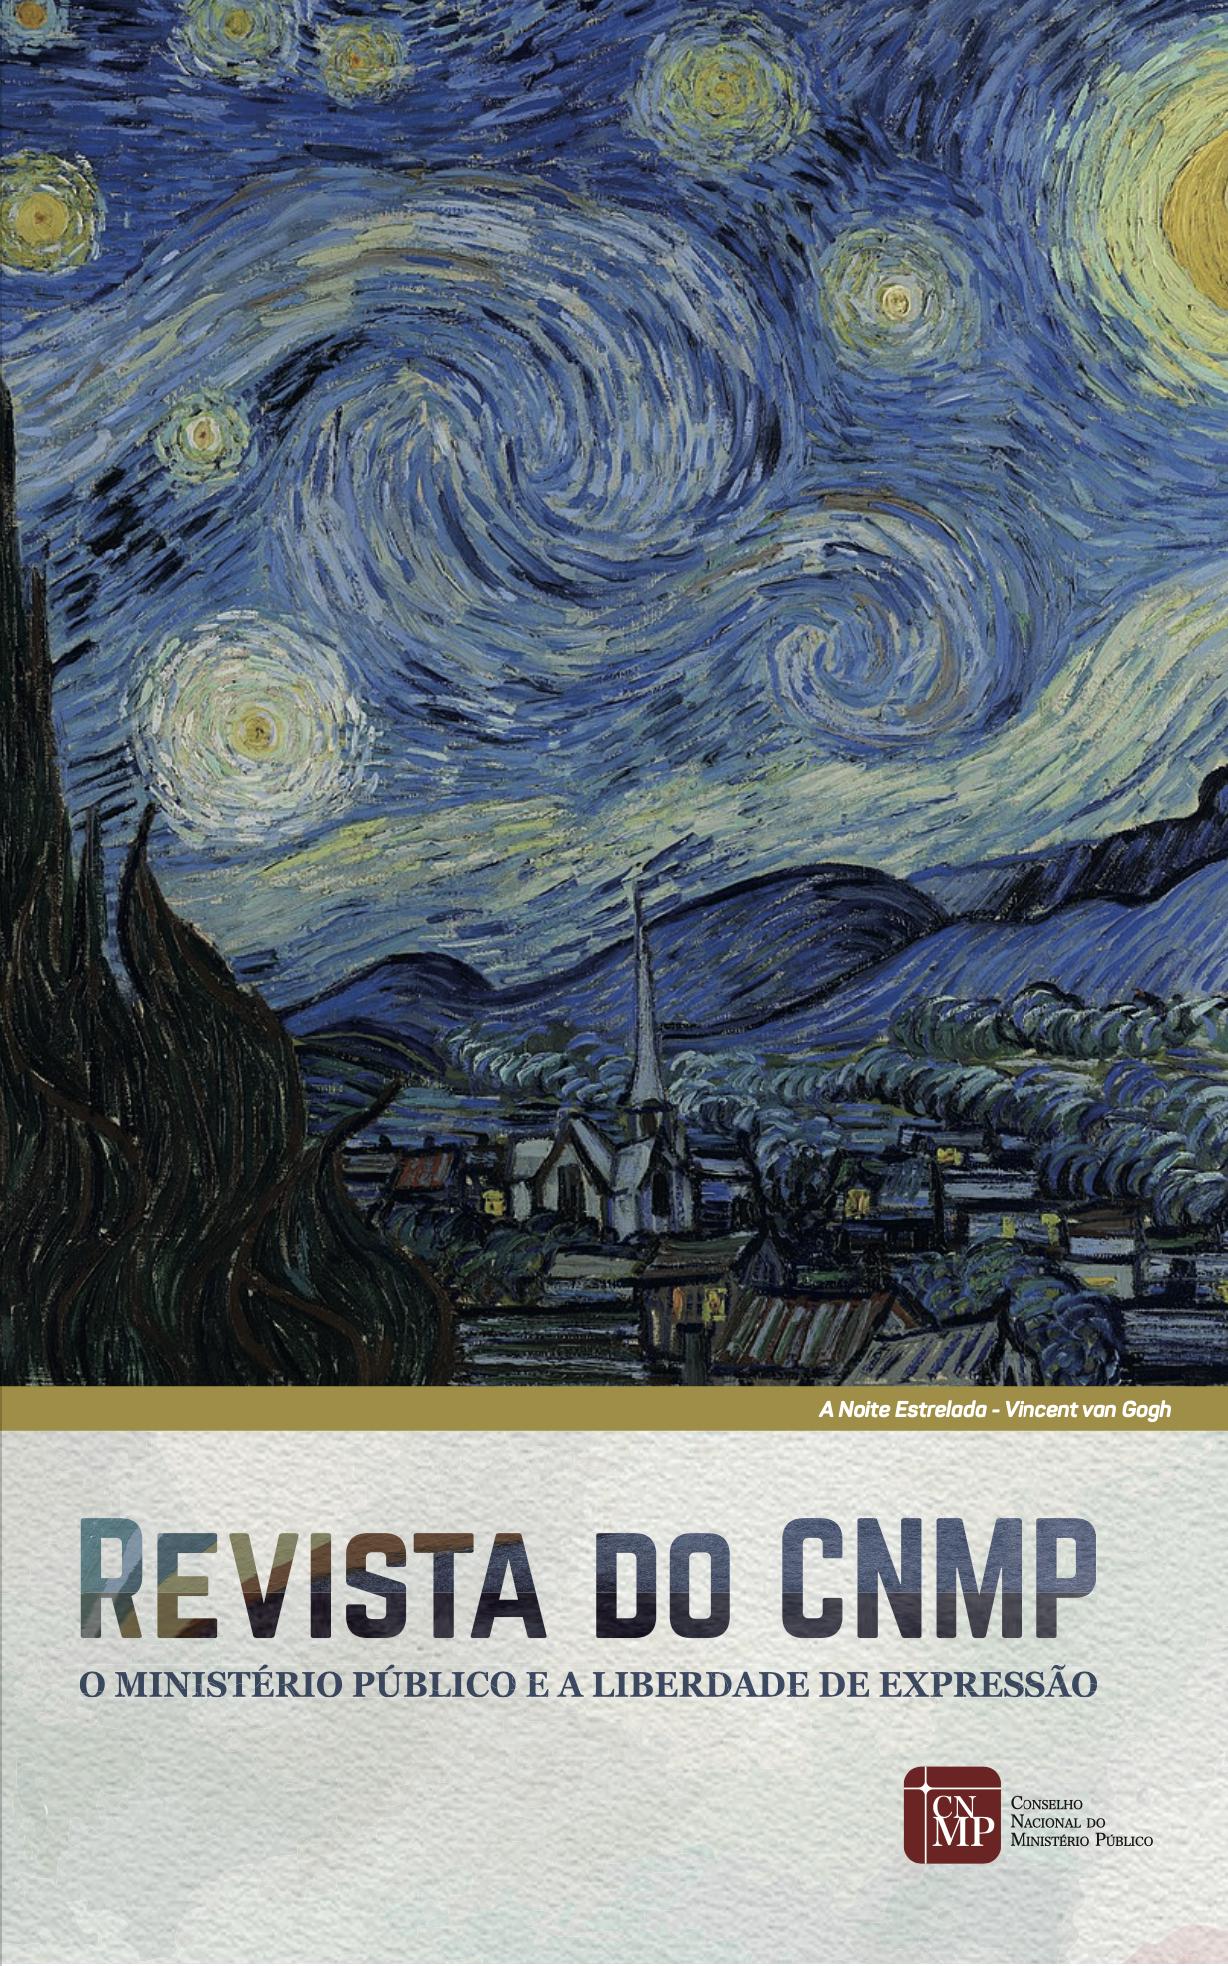 Revista do CNMP - O Ministério Público e a liberdade de expressão